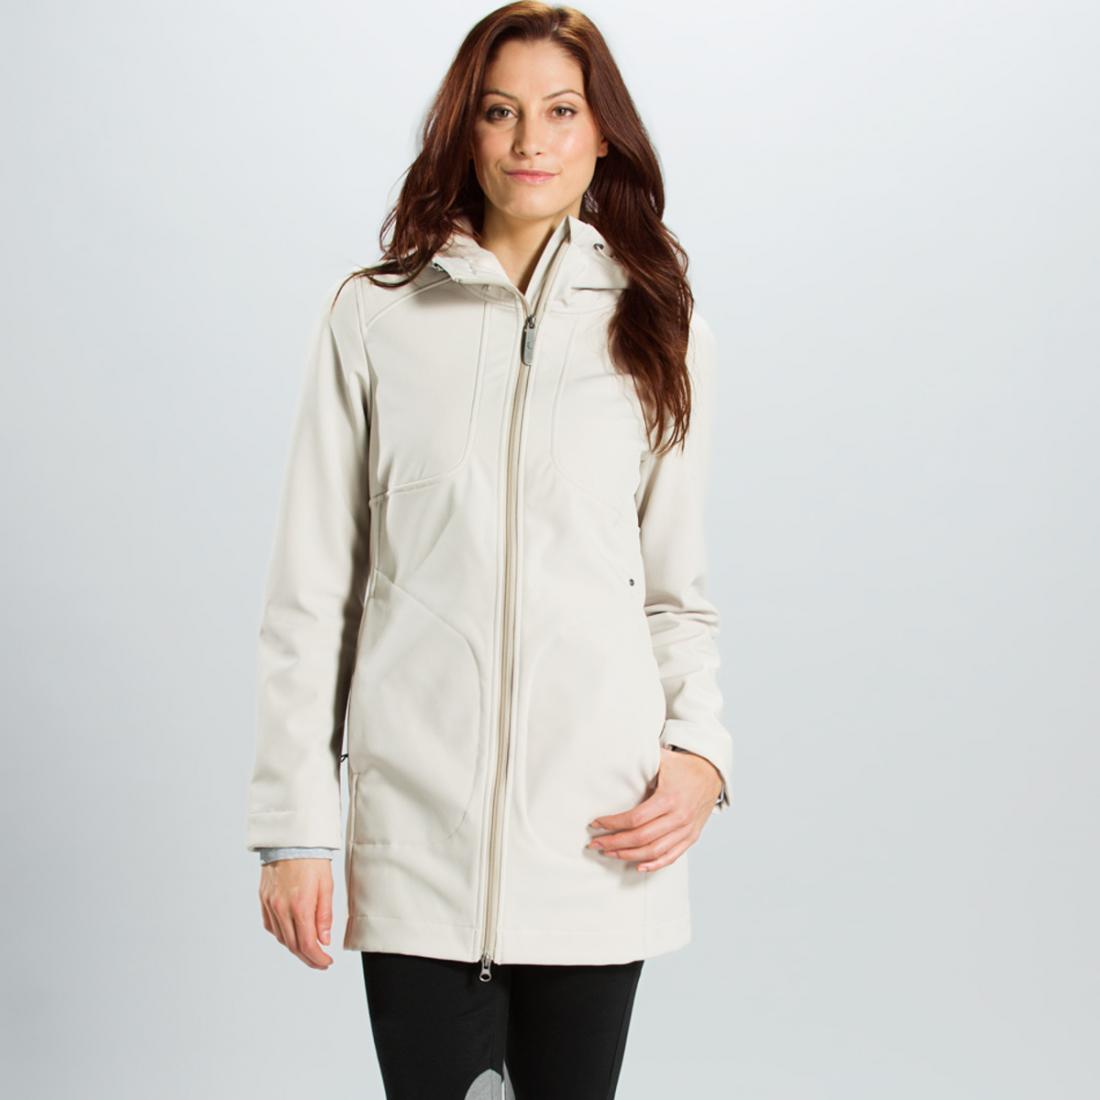 Куртка LUW0197 MUSE JACKETКуртки<br><br> Практичная вещь для межсезонья – куртка Muse отличается мягким подкладом, приятным на ощупь. Мембранная пропитка защитит от дождя и ветр...<br><br>Цвет: Белый<br>Размер: XS